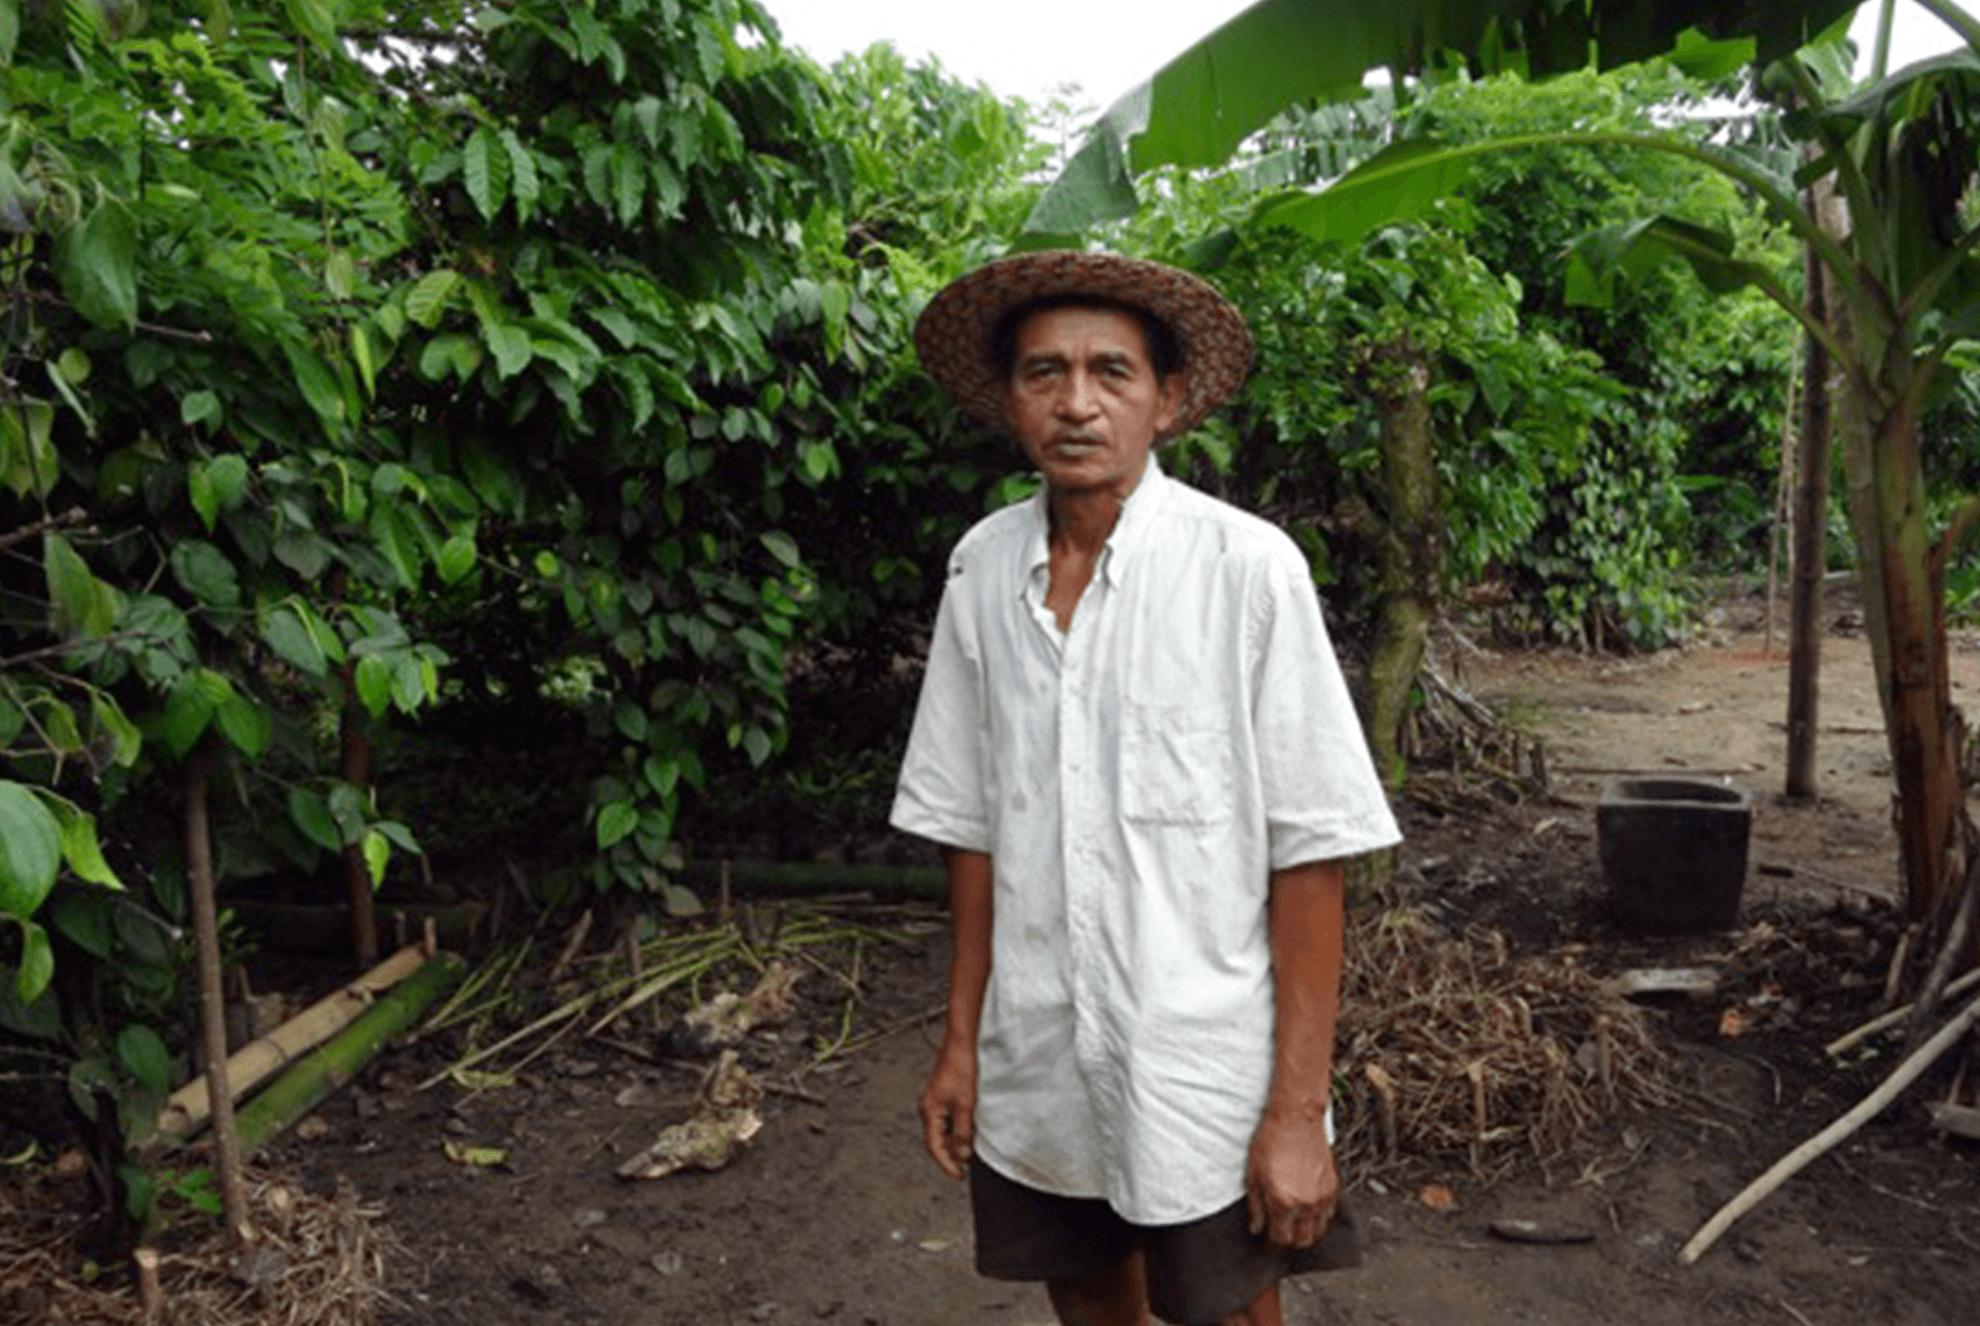 madagascar_farmer-pepper-660x442